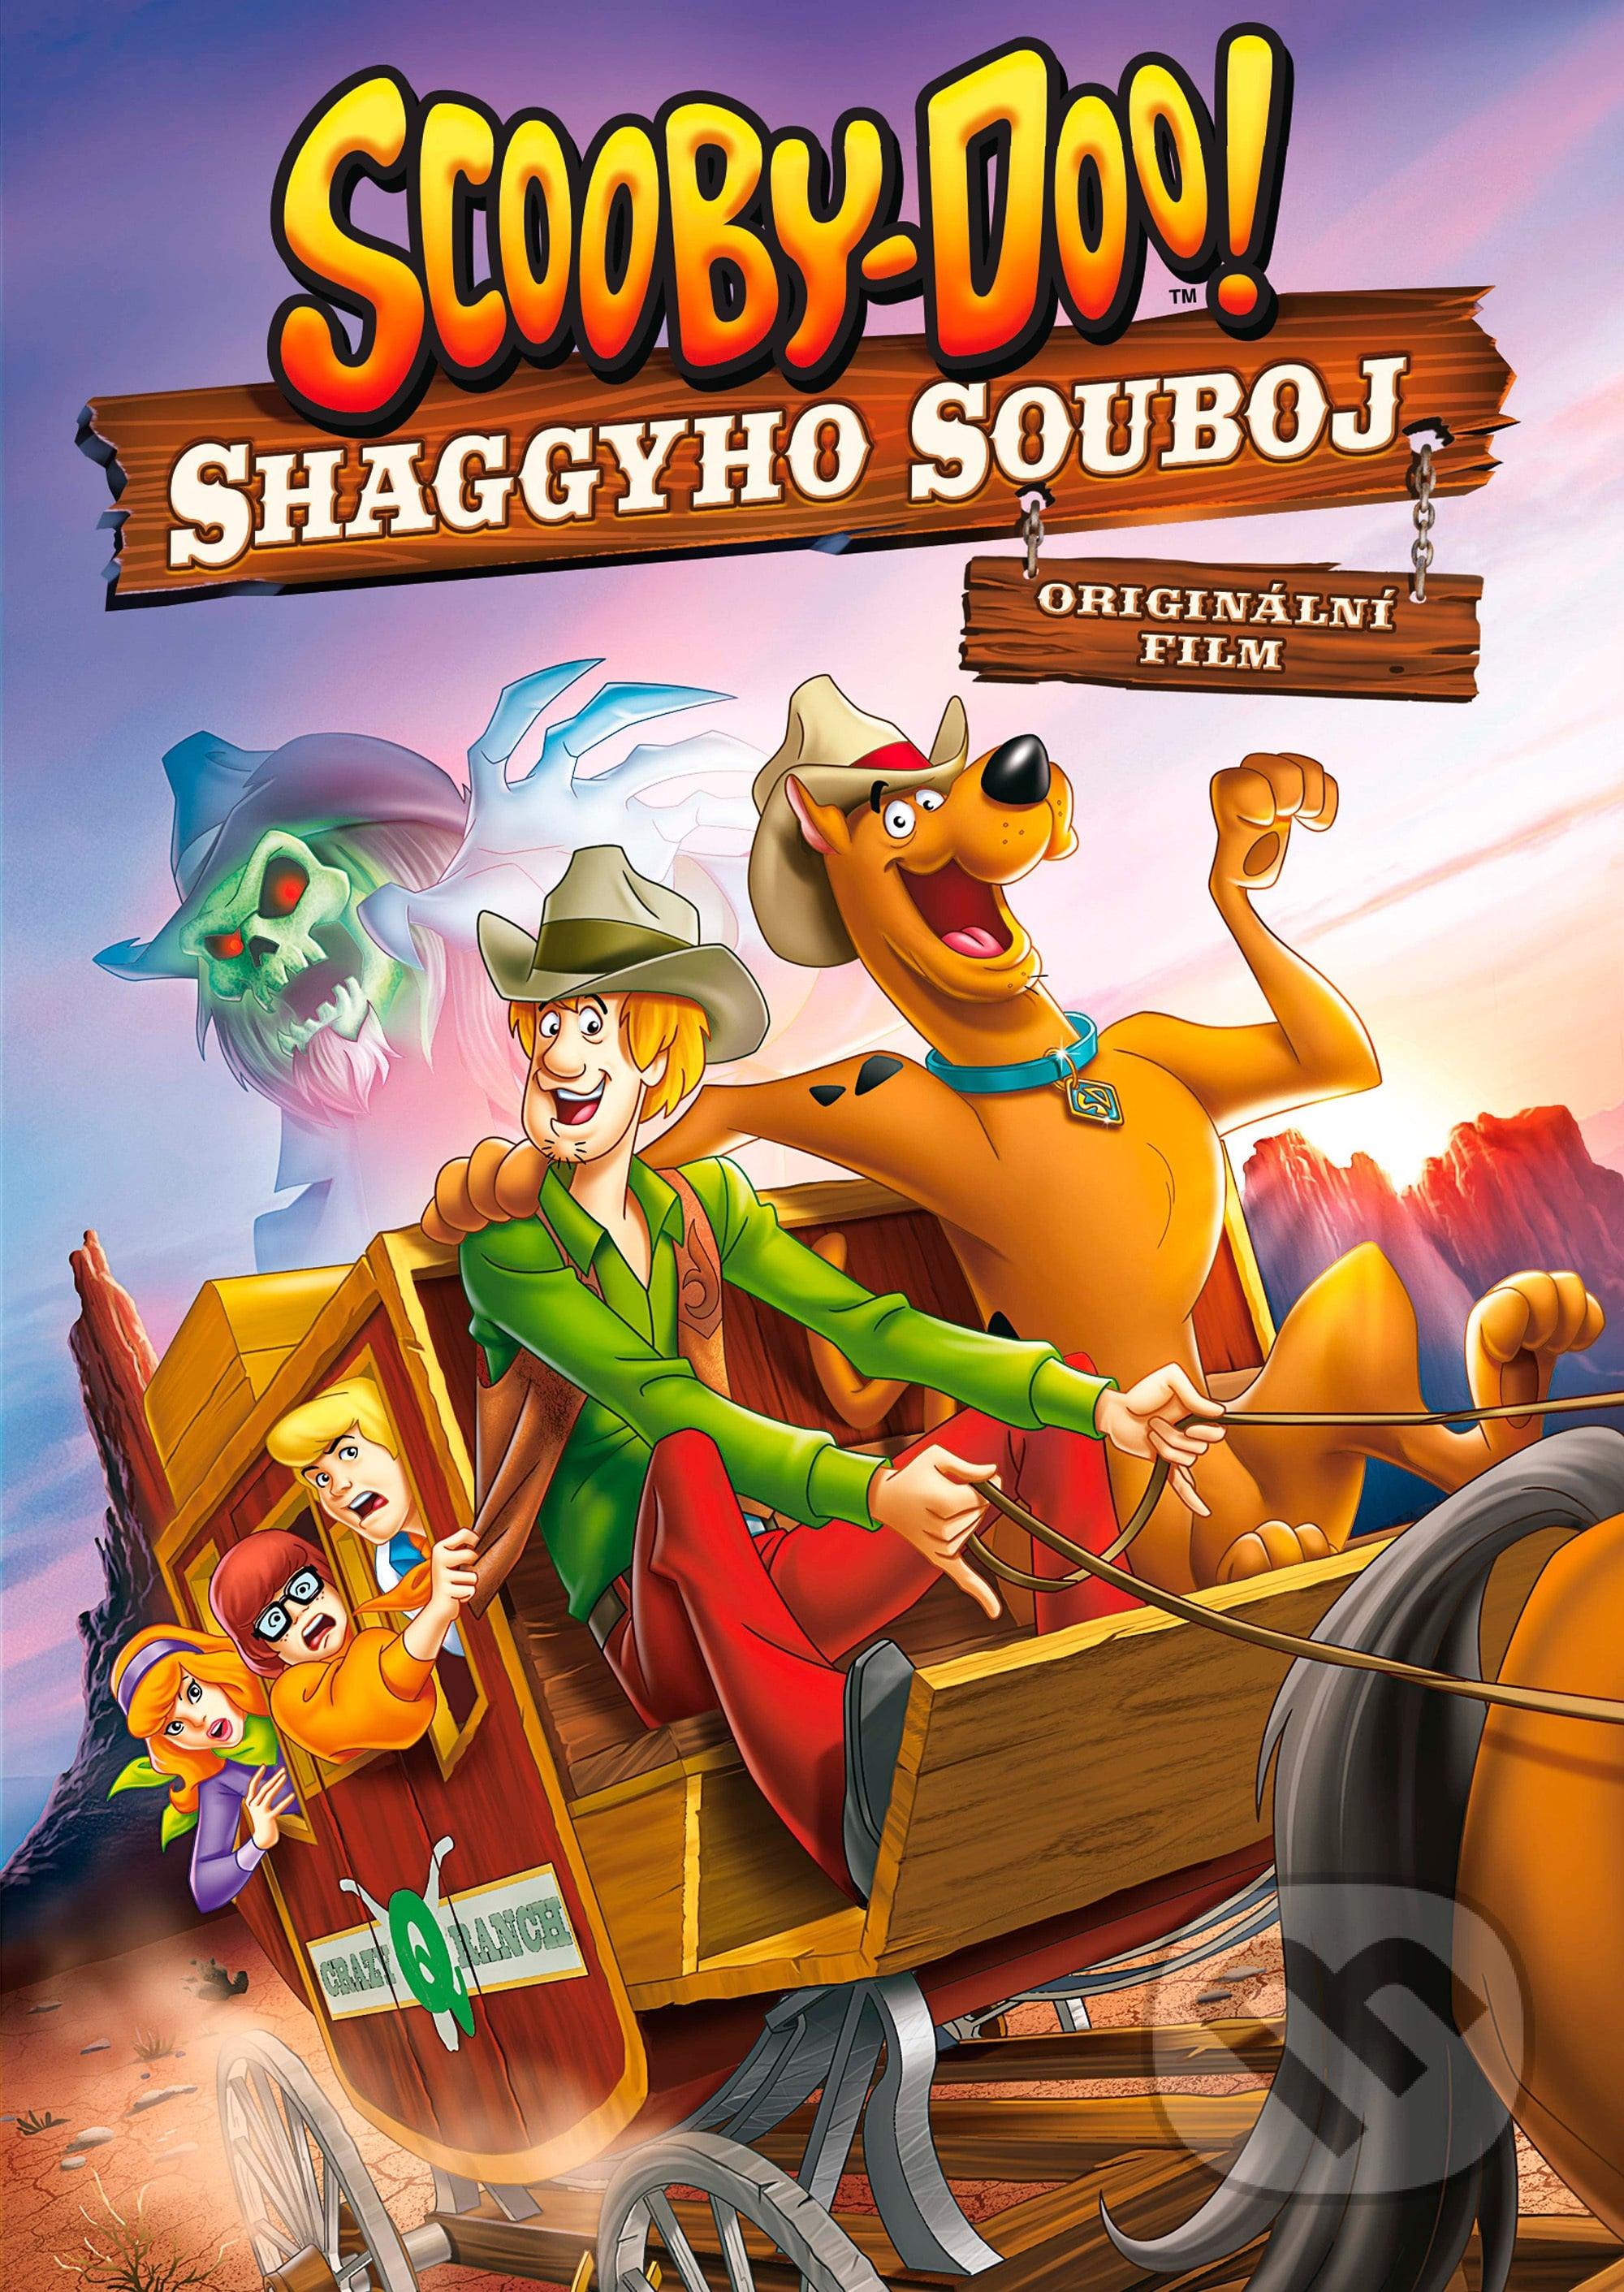 Scooby doo le clash des sammys 2017 - Sammy de scooby doo ...